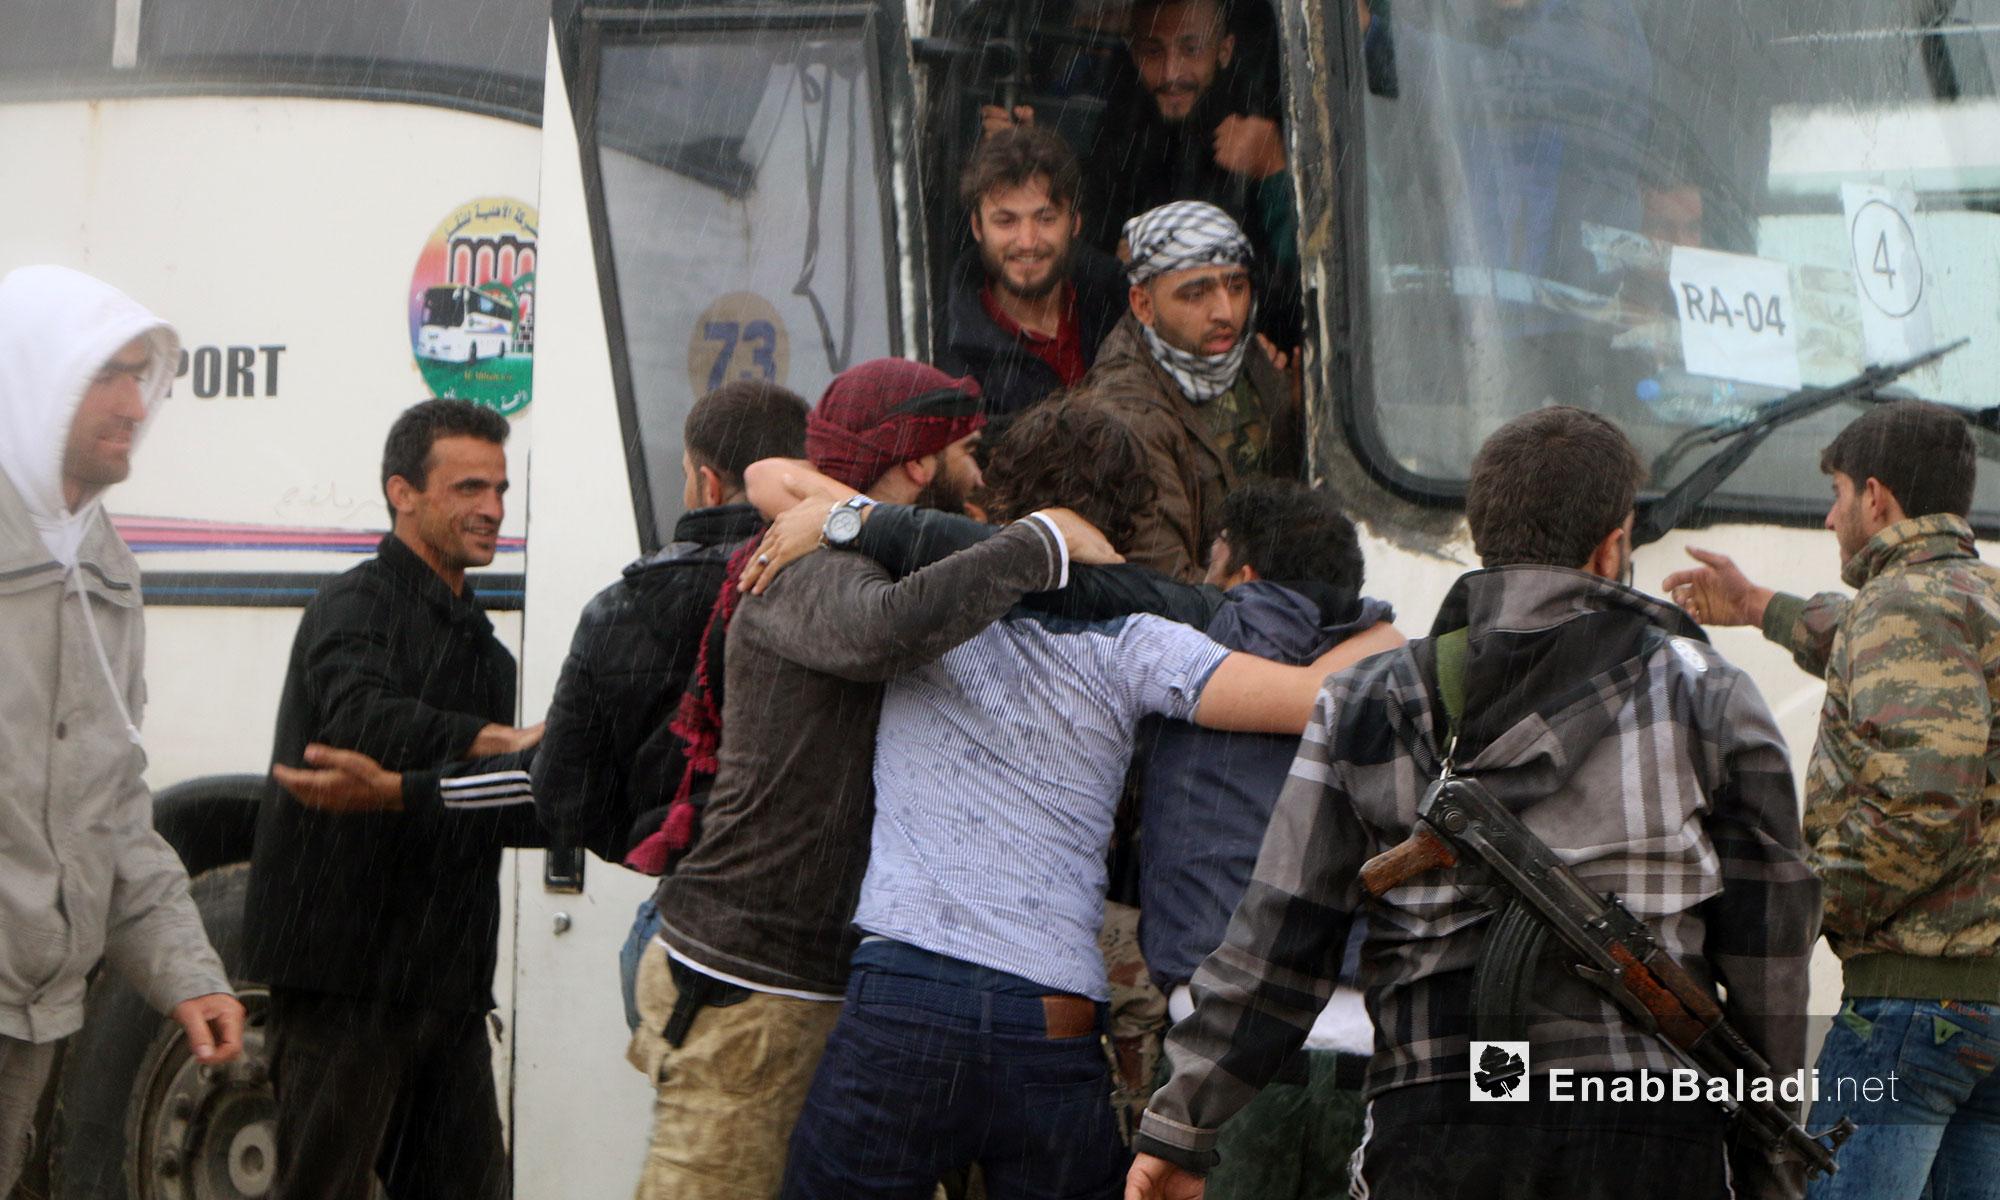 استقبال مهجري ريف حمص لحظة وصولهم معبر الزندين في مدينة الباب شرقي حلب - 9 أيار 2018 (عنب بلدي)